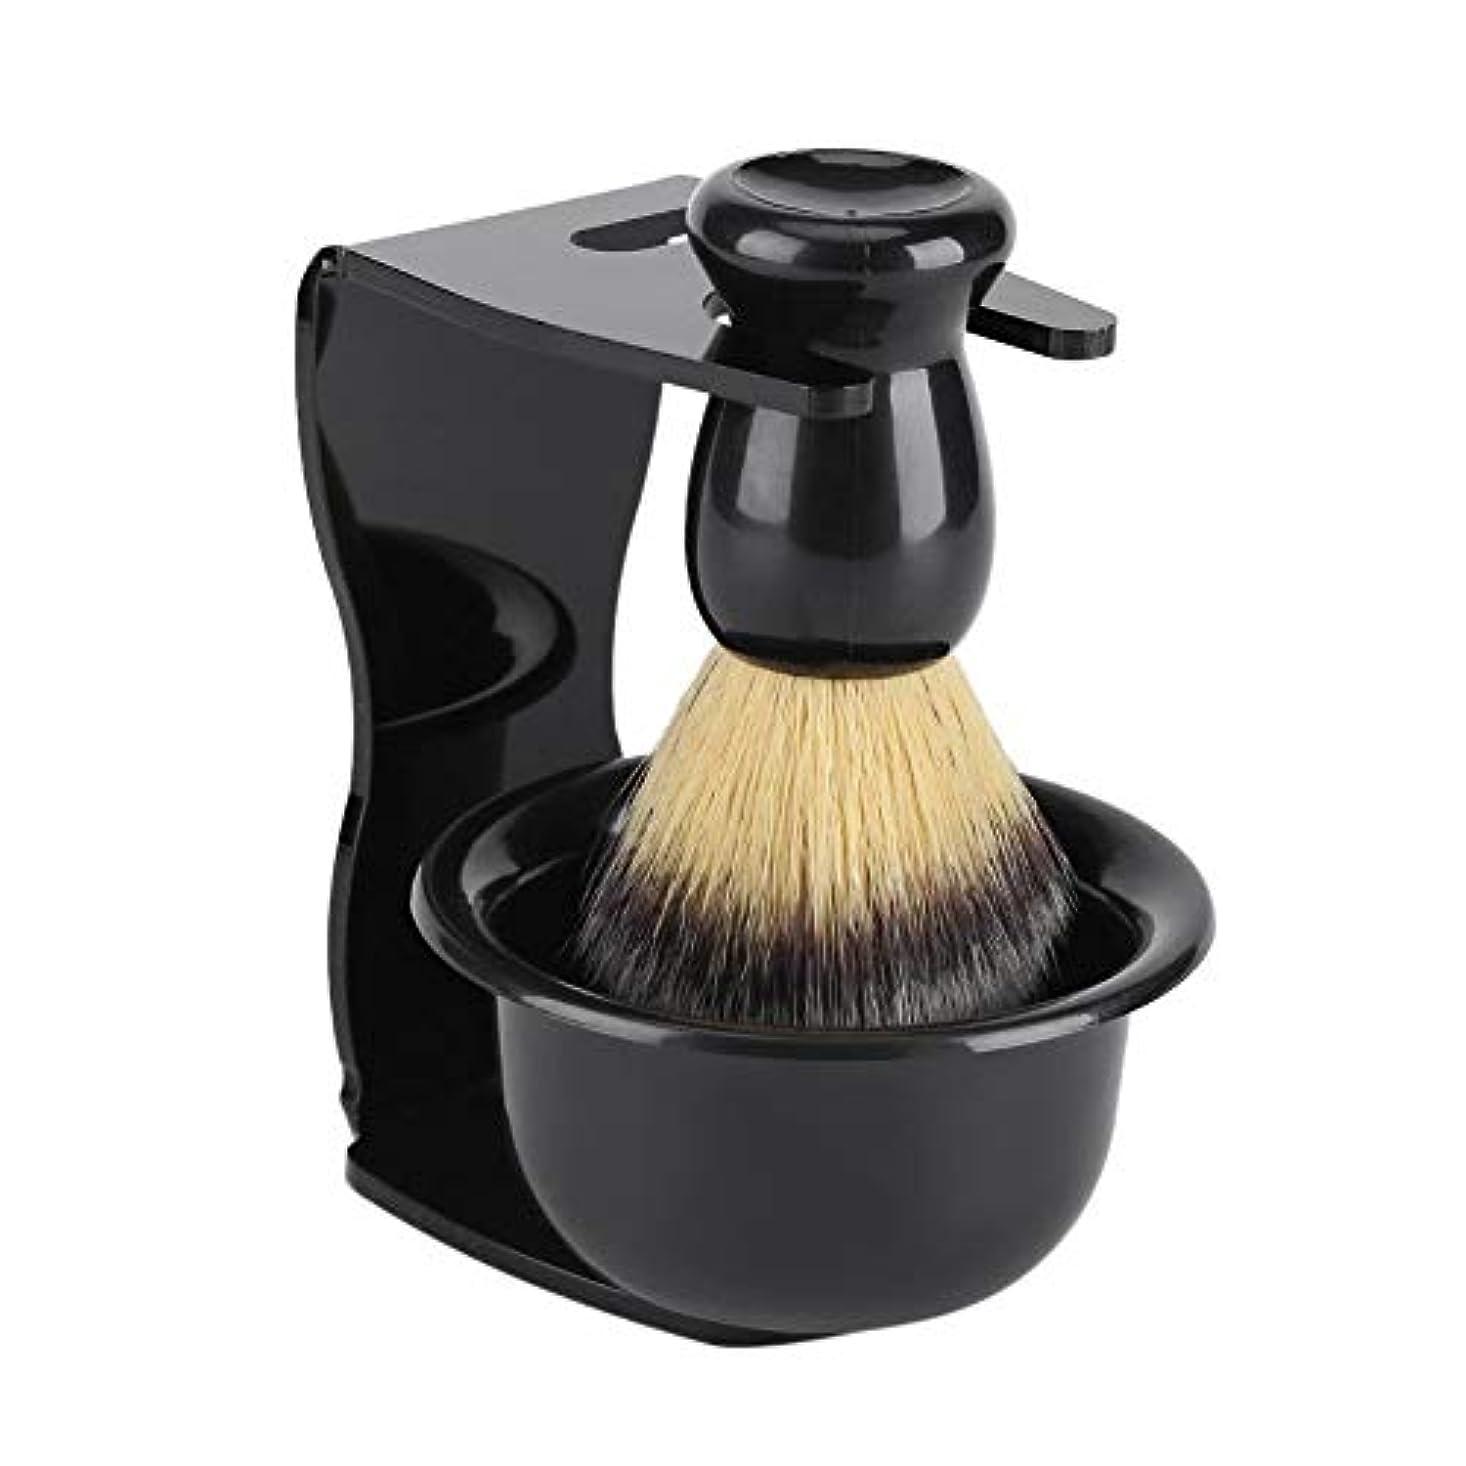 勧める確実矢印3セットひげブラシ シェービングブラシ プレゼントシェービングブラシセット プラシスタンド 石鹸ボウル 理容 洗顔 髭剃り